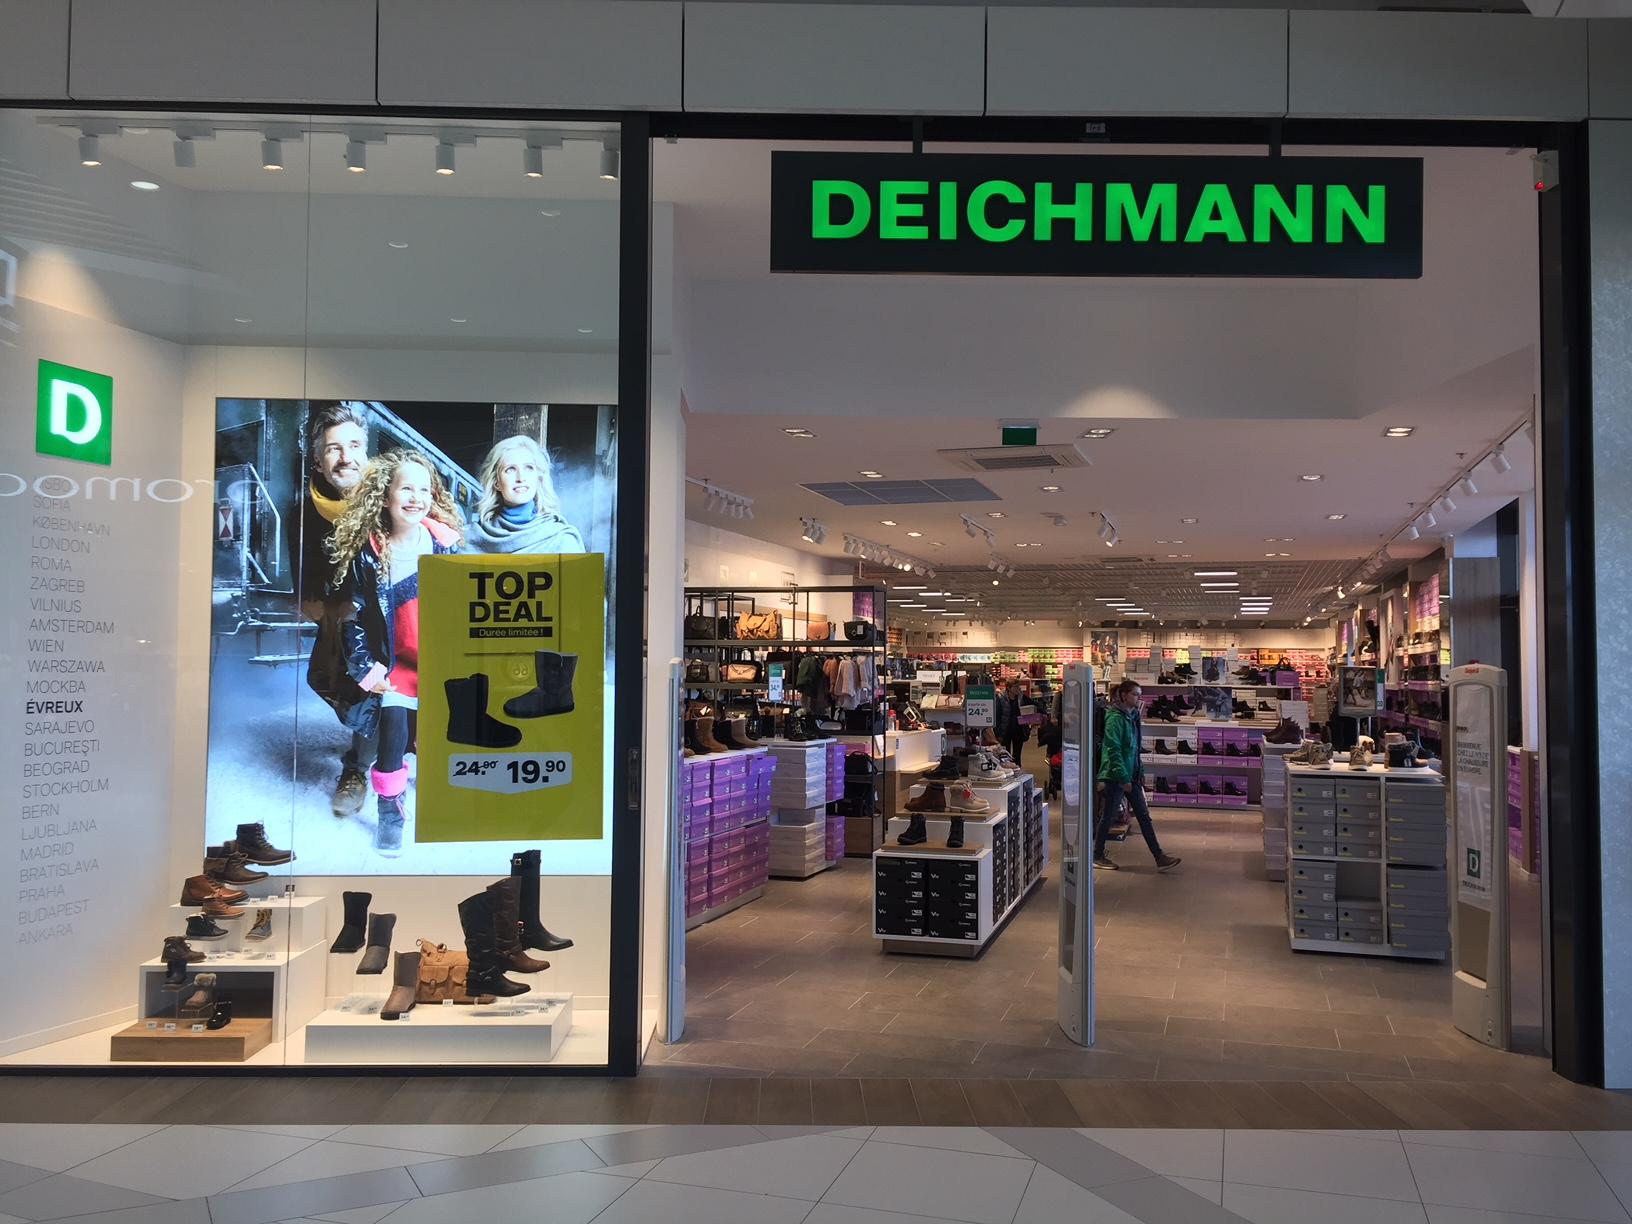 Notre société spécialisée en courant fort et courant faible installé à Darnétal à 4 kilomètres de Rouen à participé à la rénovation électrique et l'installation du magasin Deichmann à Evreux. Toute l'électricité a été gérée par notre société.